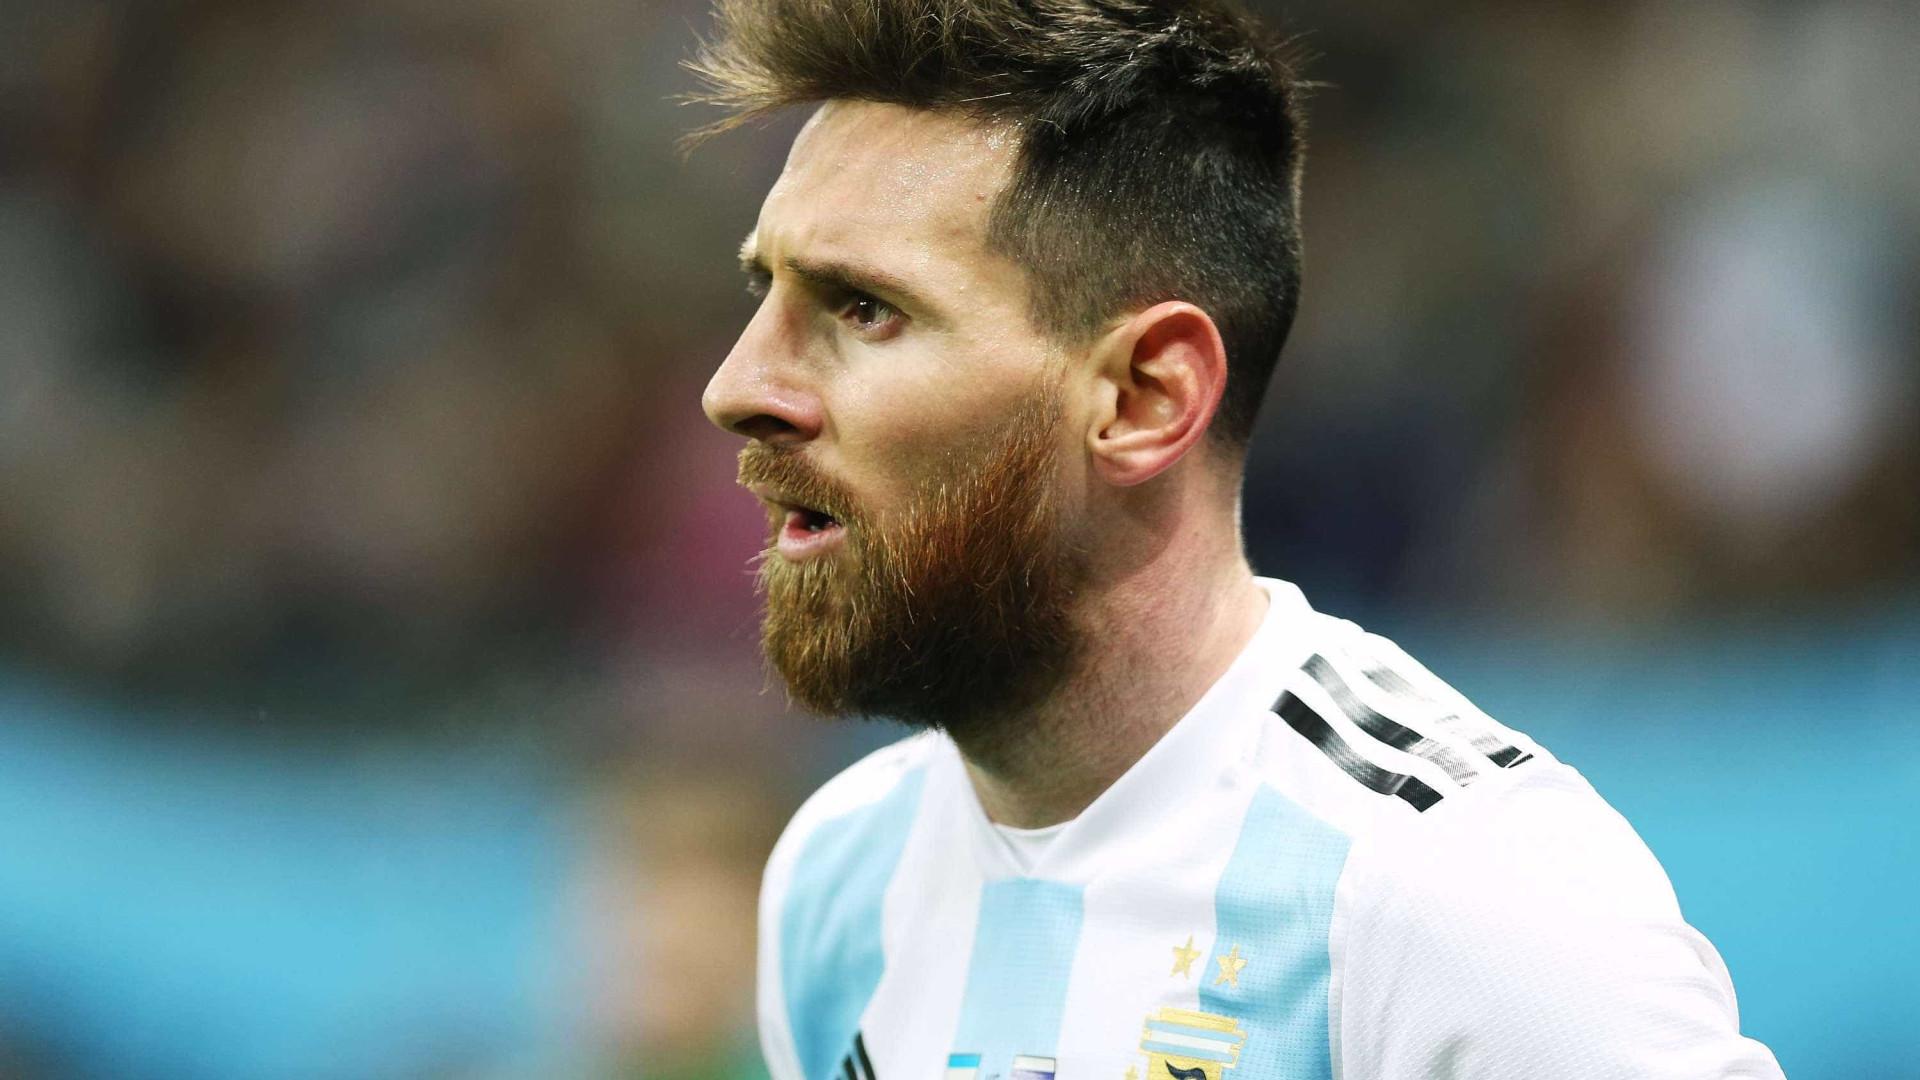 Messi recebeu dinheiro para jogar amistoso pela Argentina, diz delator